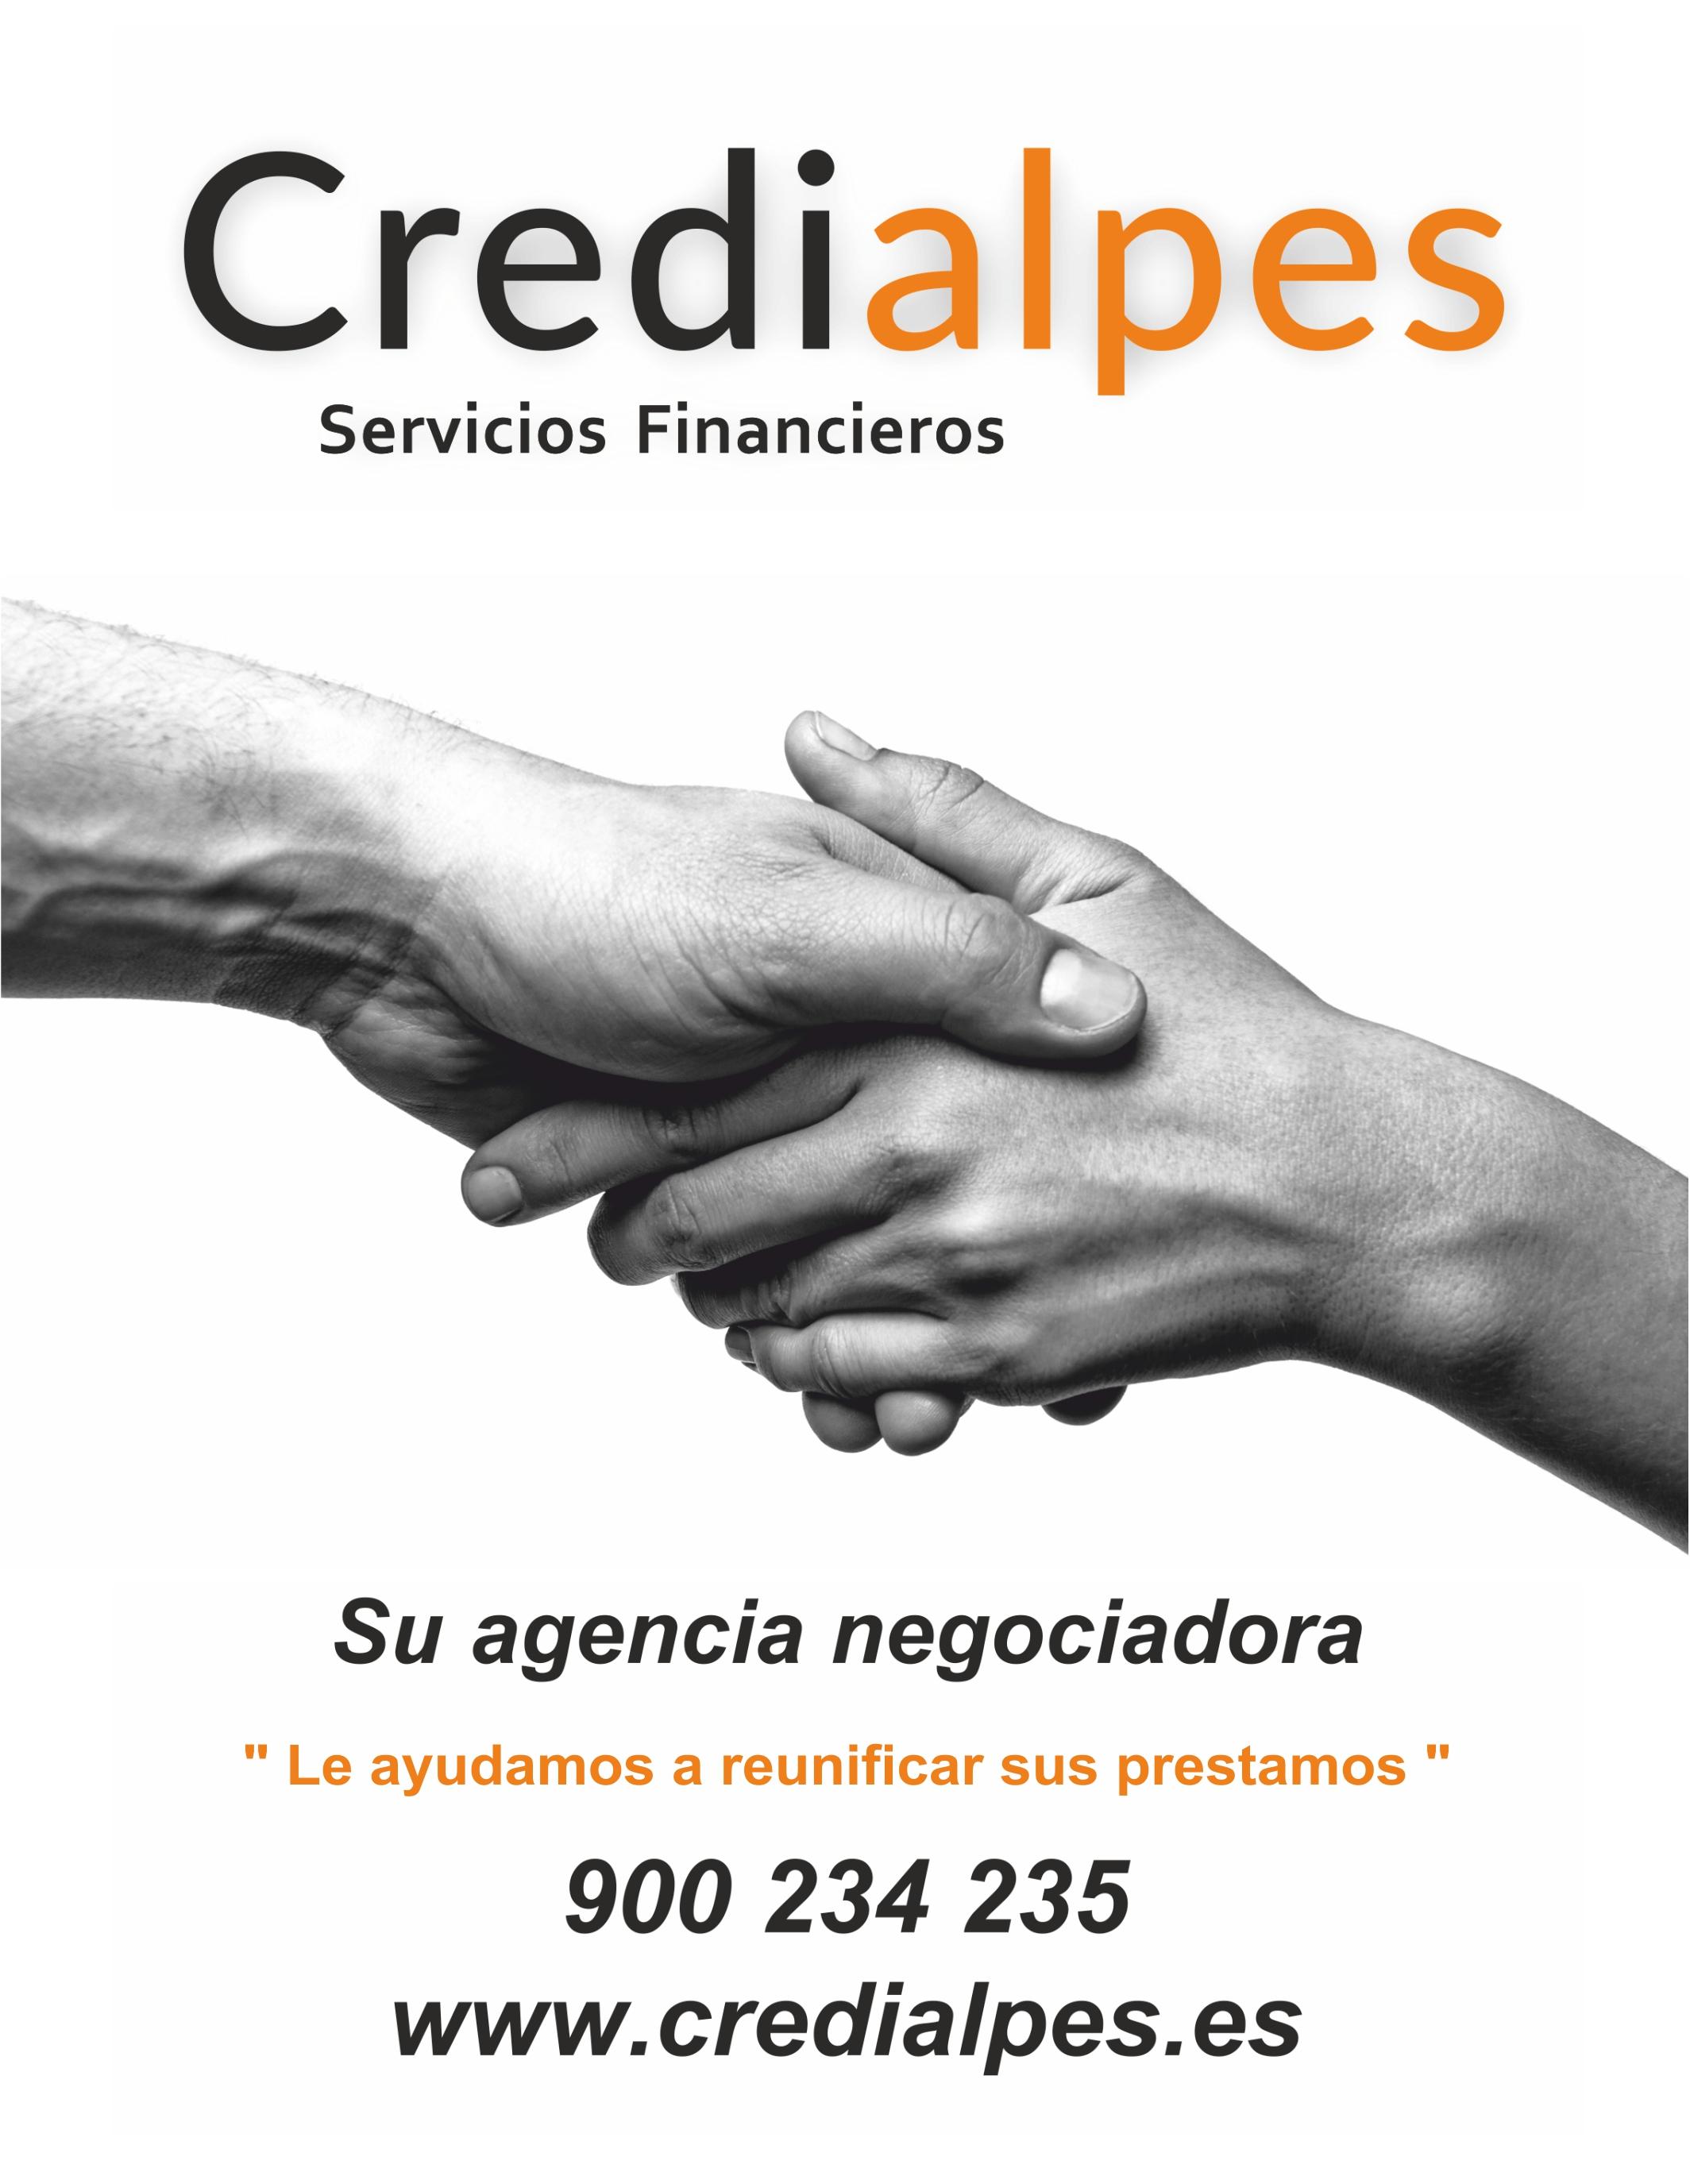 Credialpes Servicios Financieros de Malaga